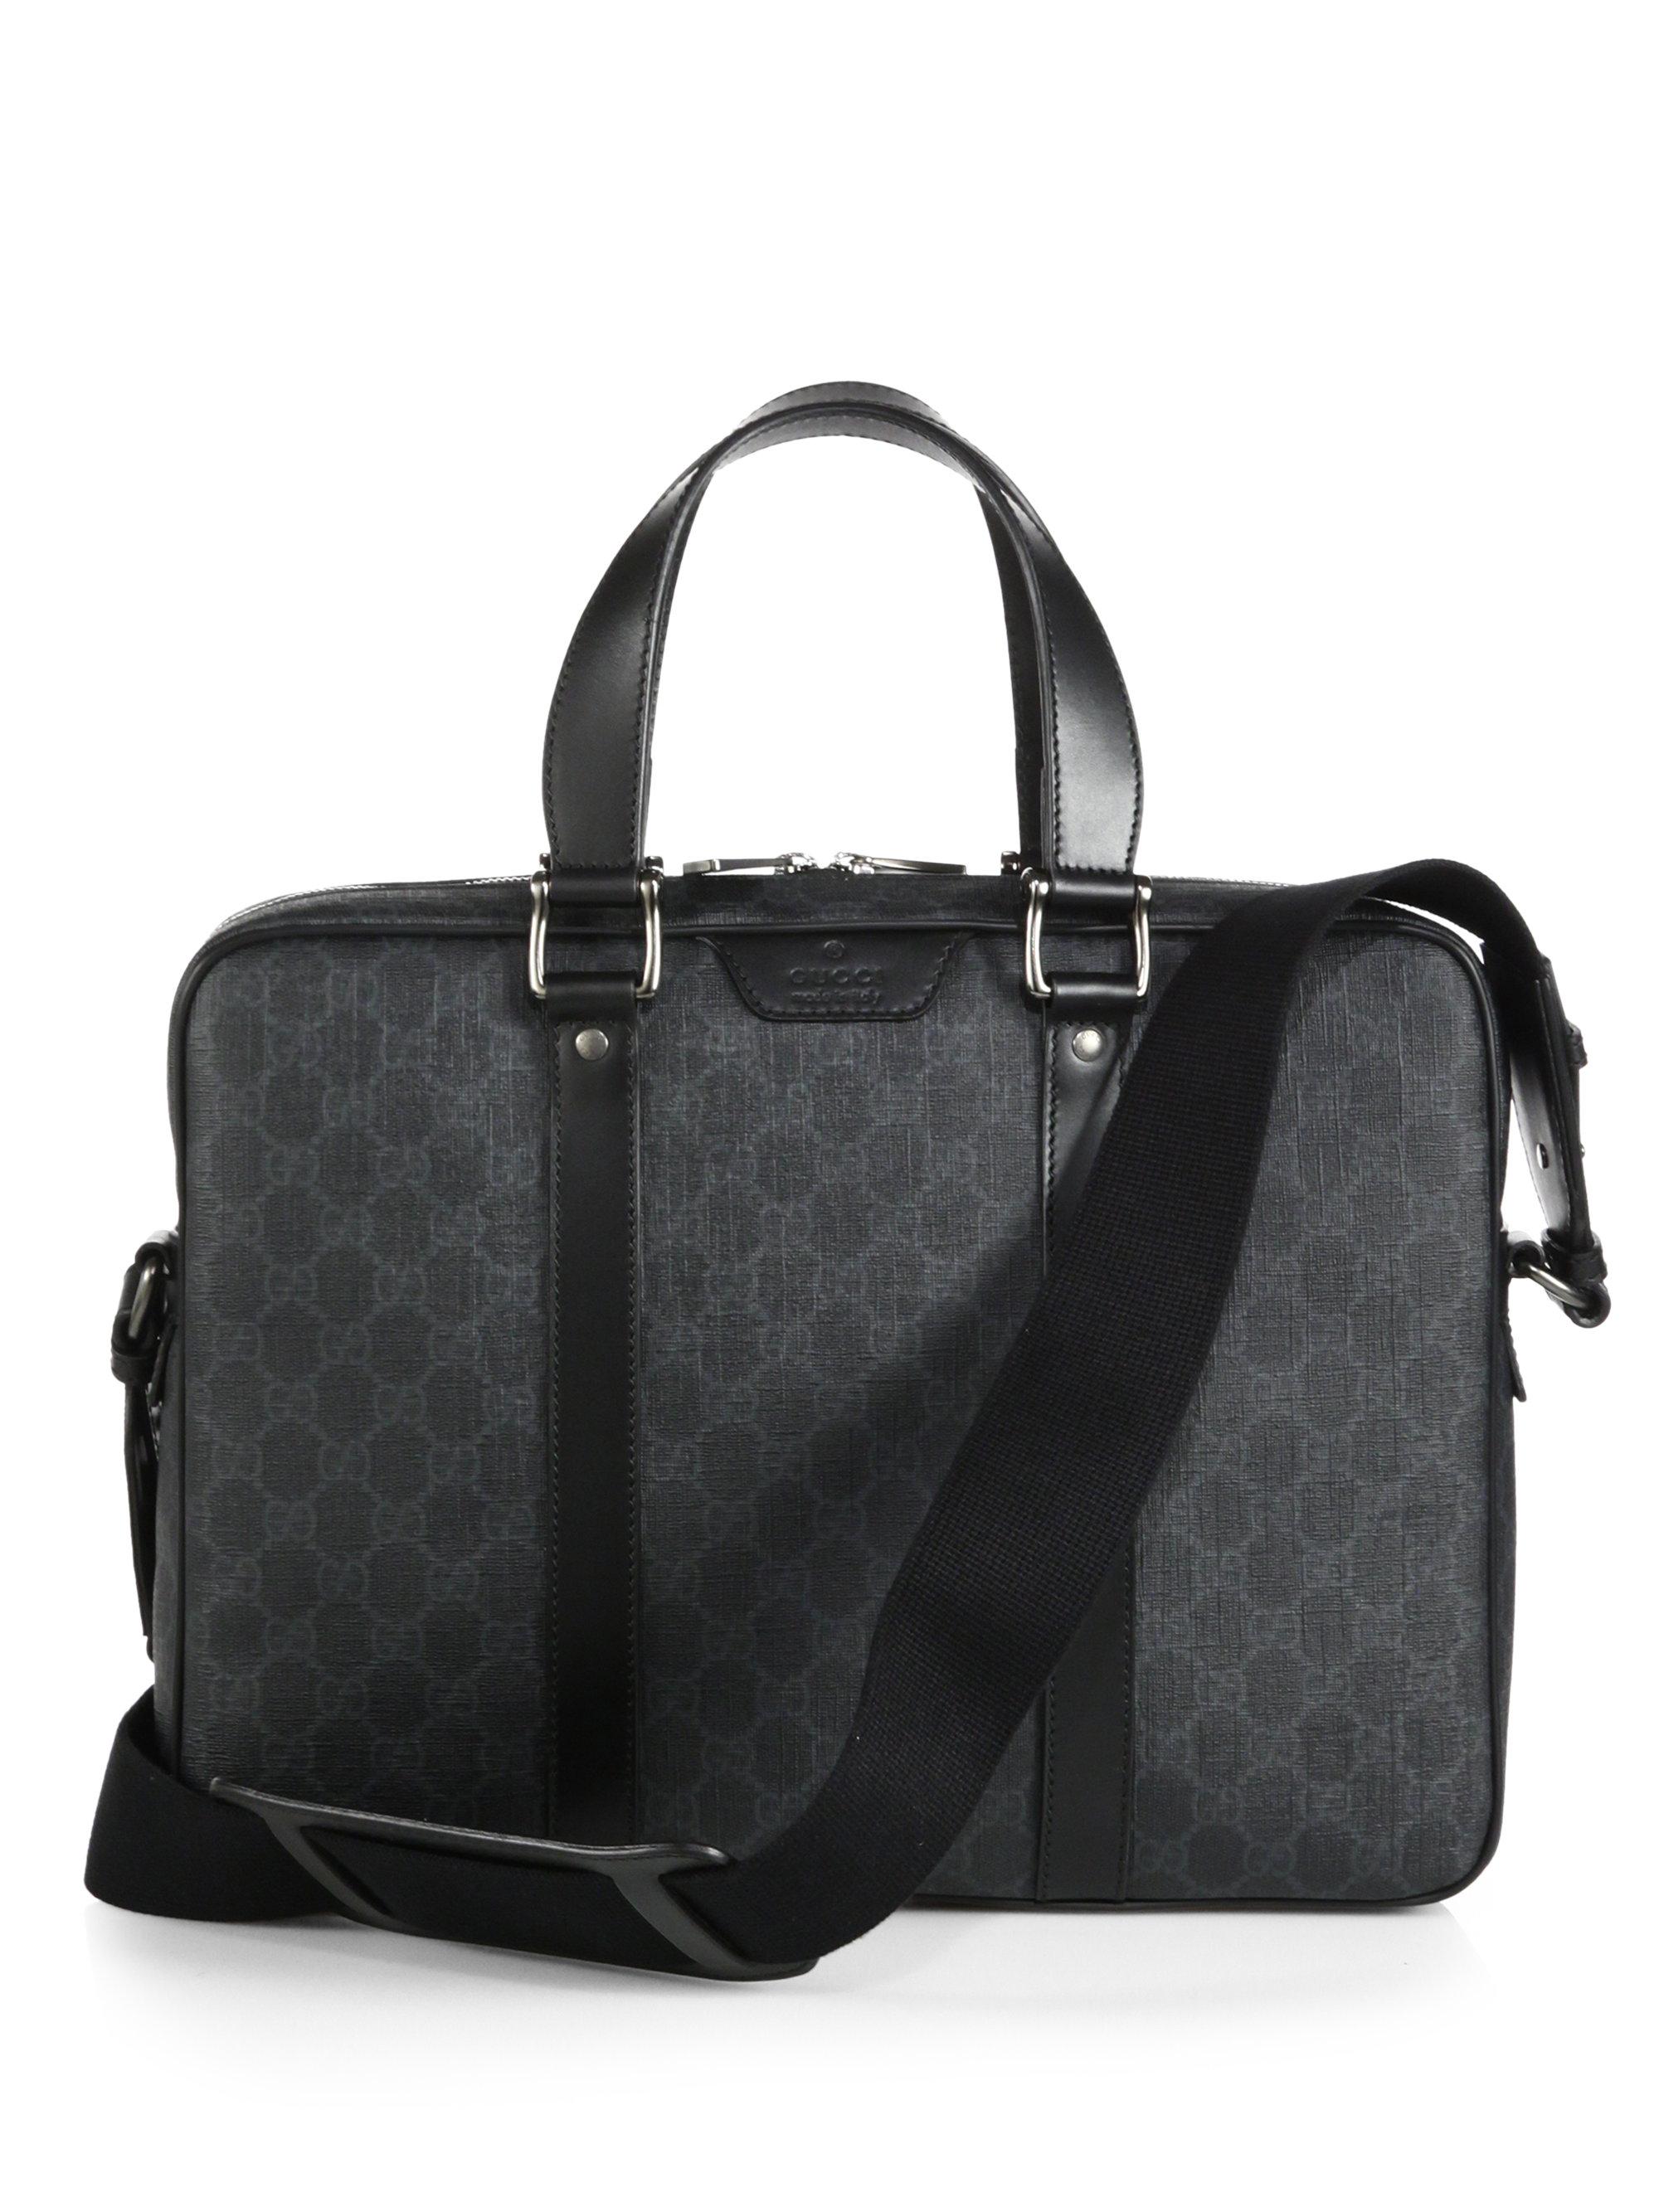 fa72e17a8248 Gucci Gg Supreme Canvas Briefcase in Gray for Men - Lyst